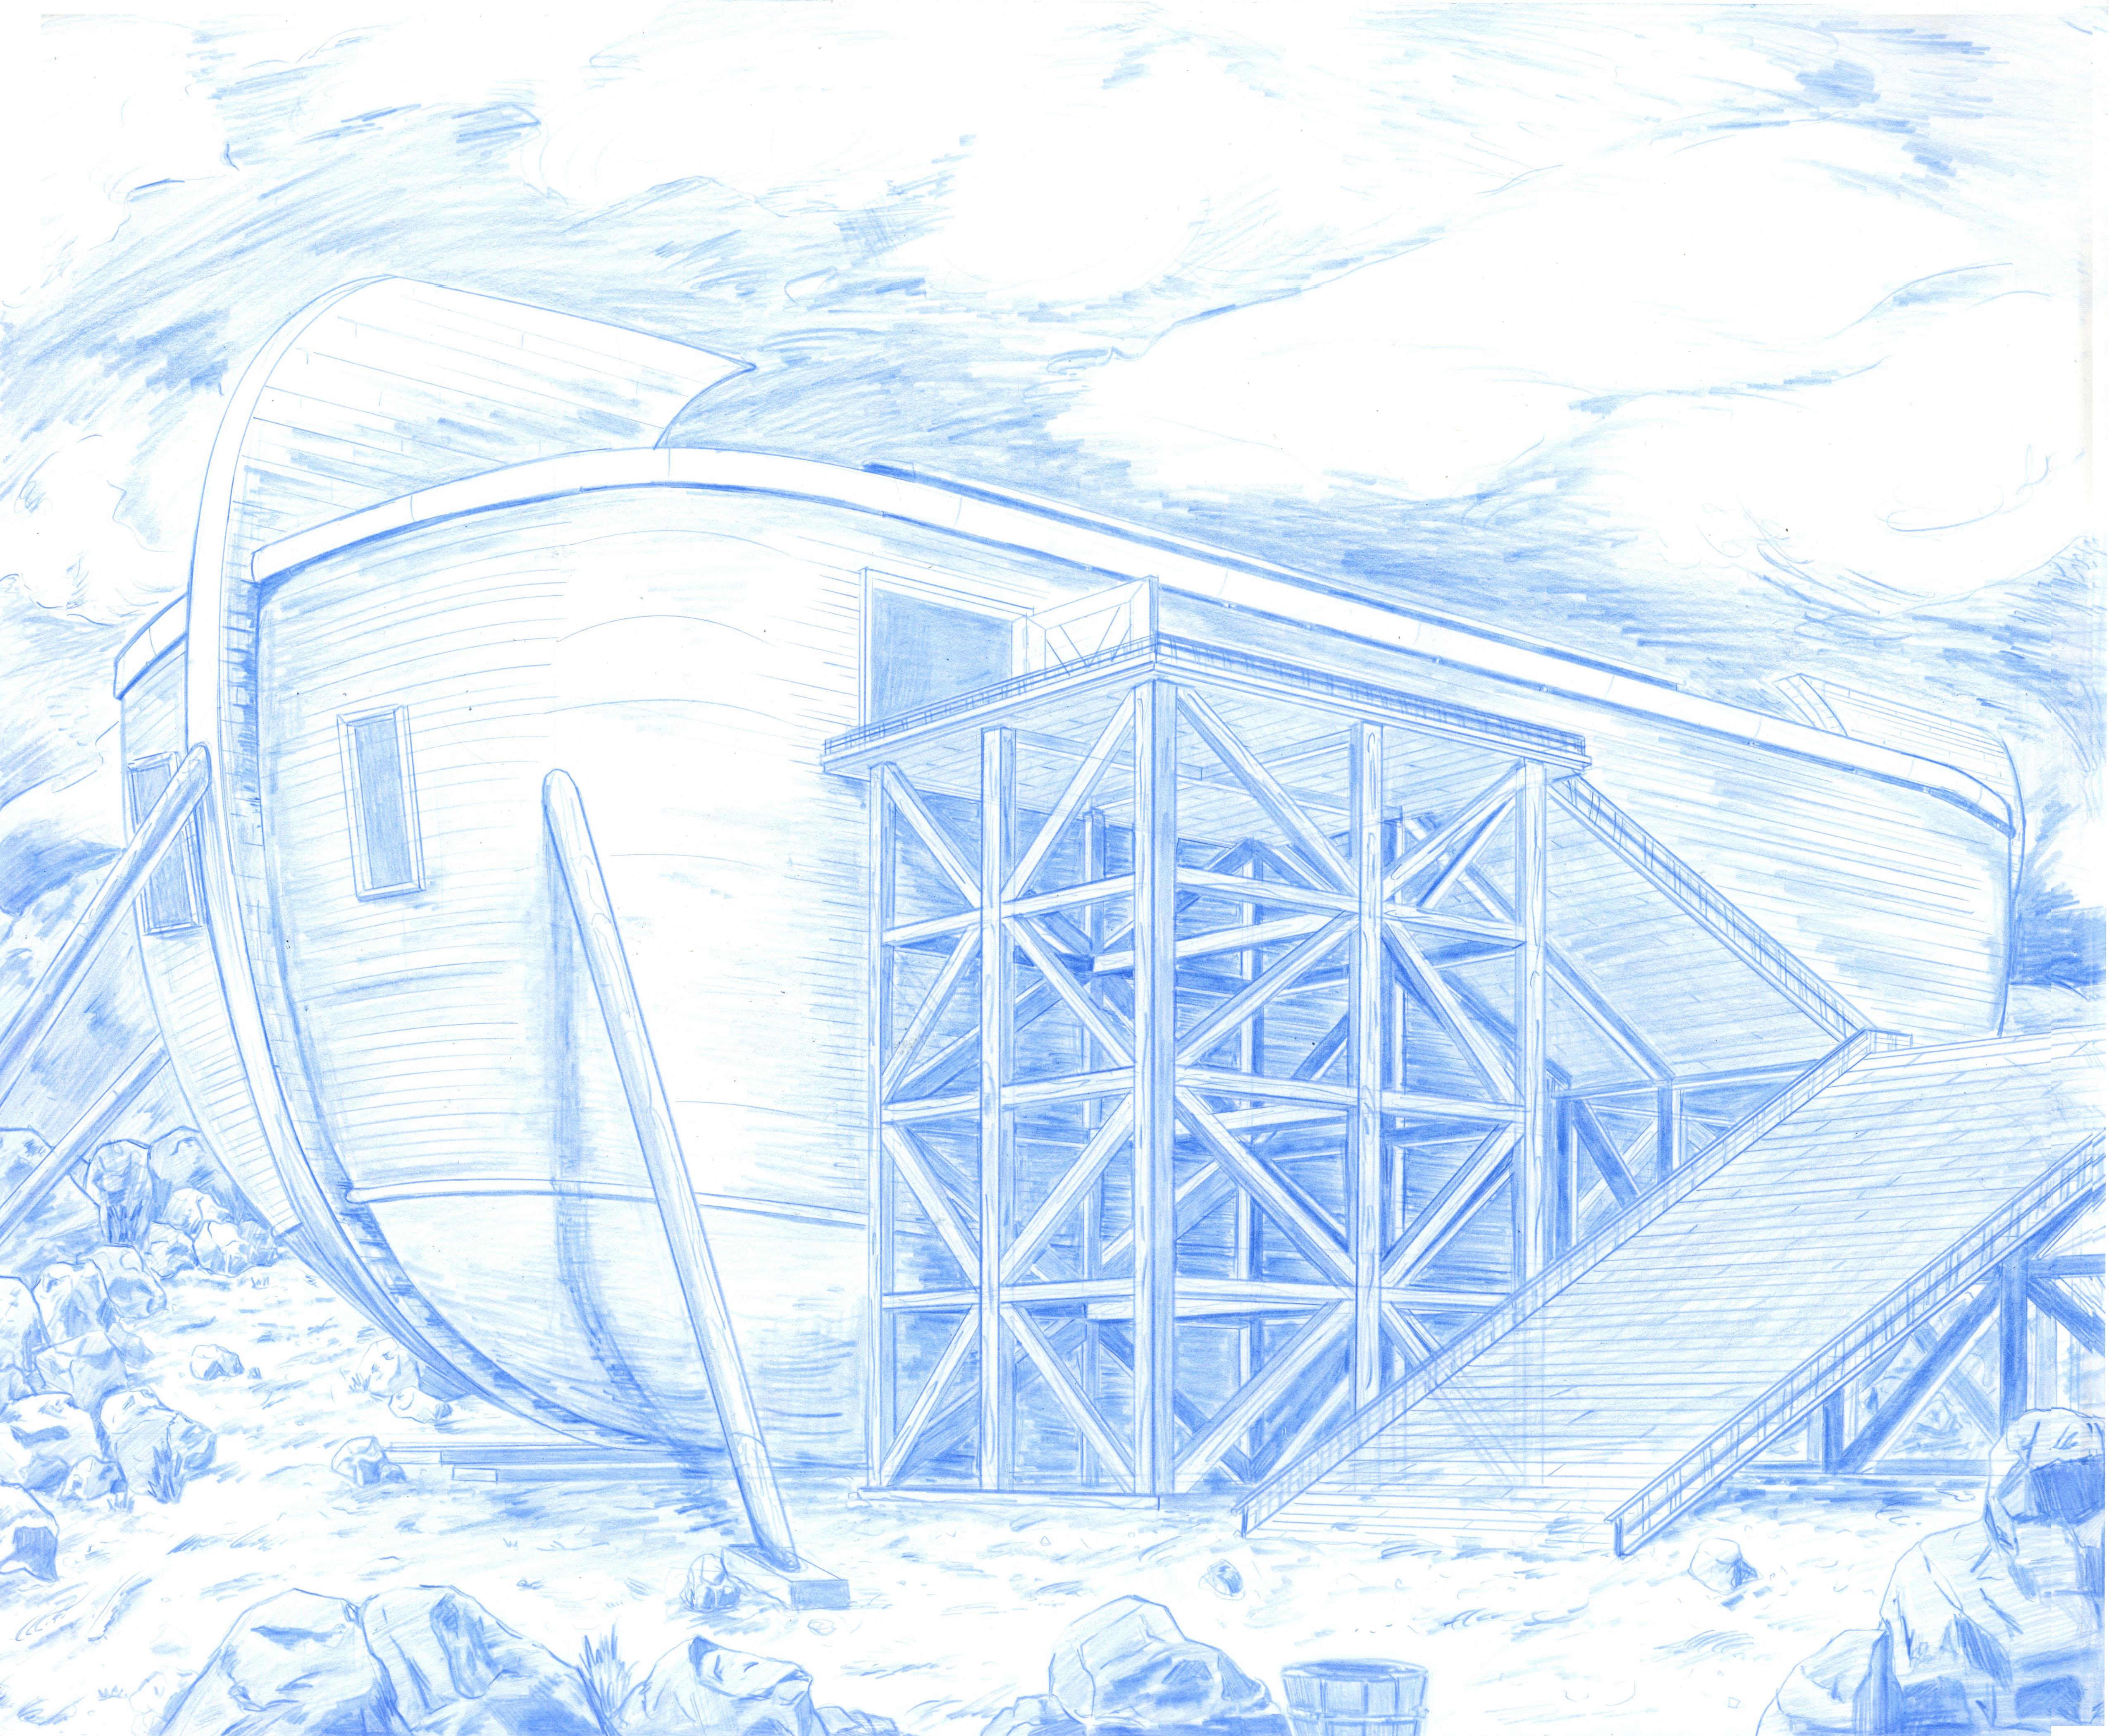 5102x4200 Noah's Ark